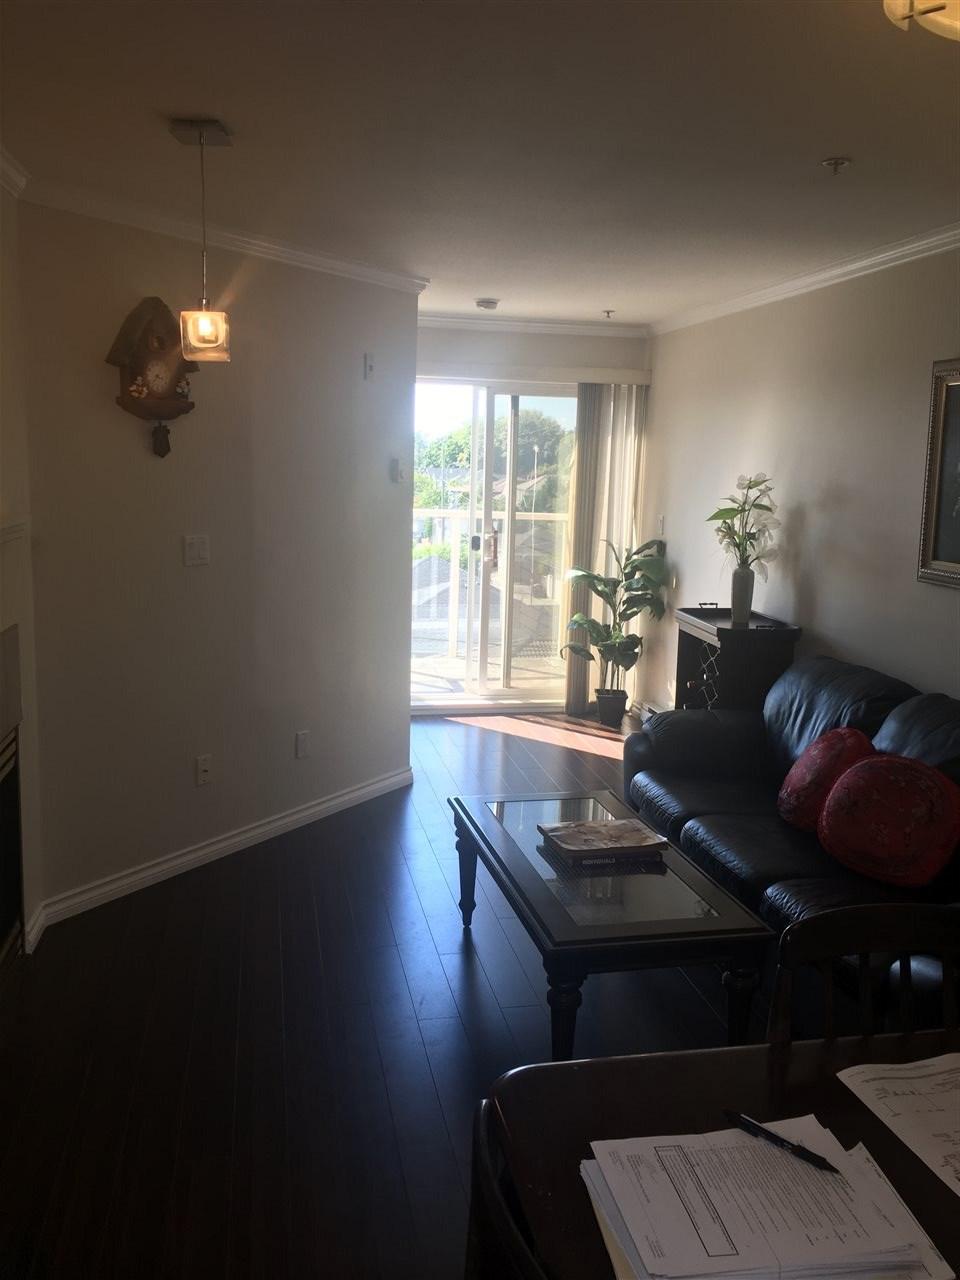 Condo Apartment at PH3 1503 W 66TH AVENUE, Unit PH3, Vancouver West, British Columbia. Image 2